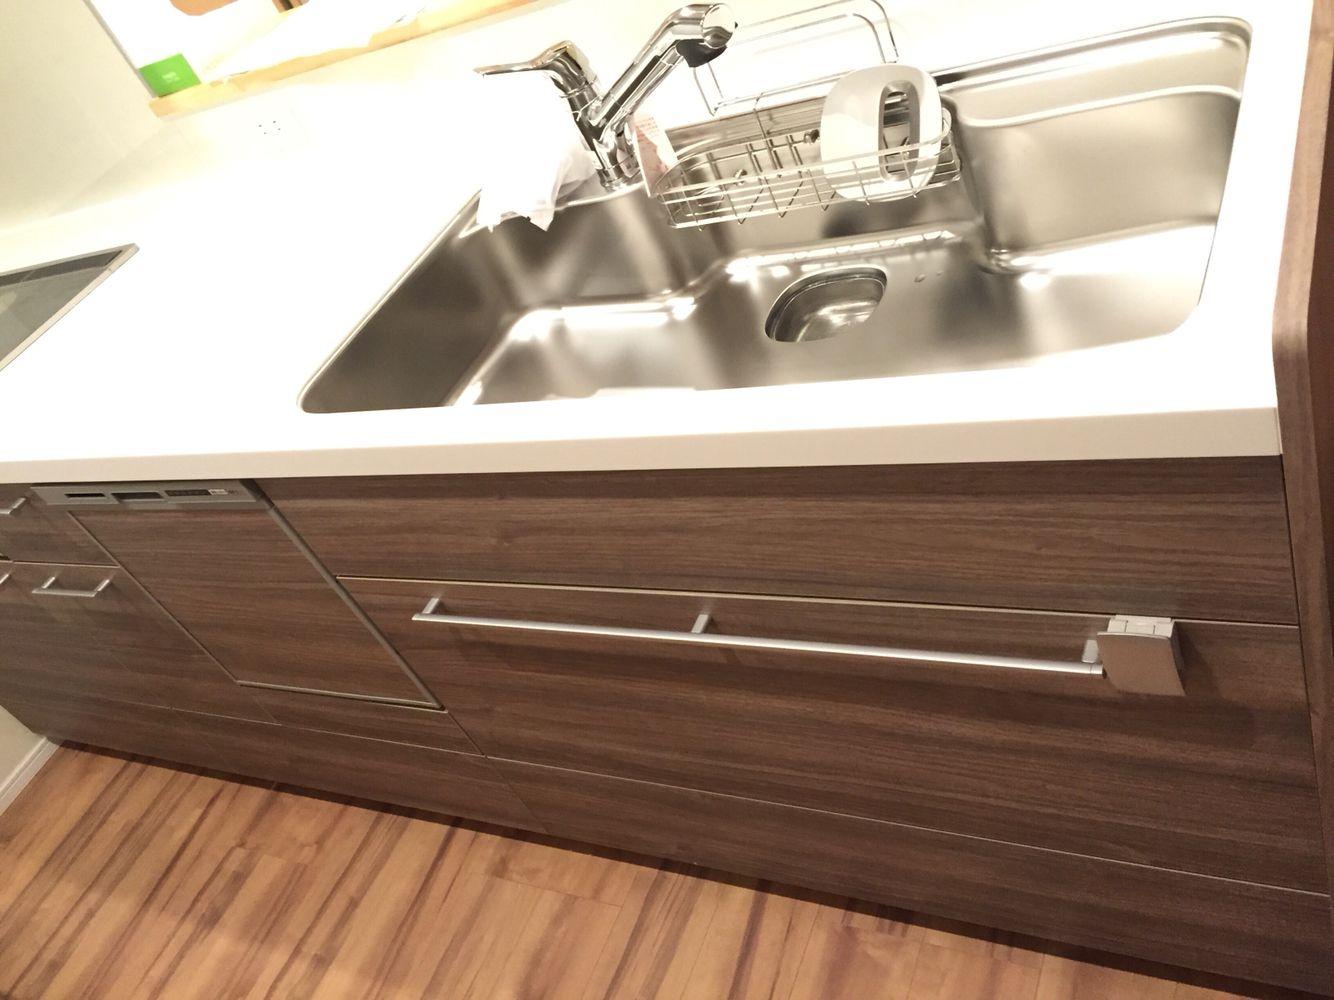 リクシルキッチン 色はウォルナット ホワイトトップ ワイドシンク ihコンロ 食器洗浄機 シンク リビング キッチン キッチン